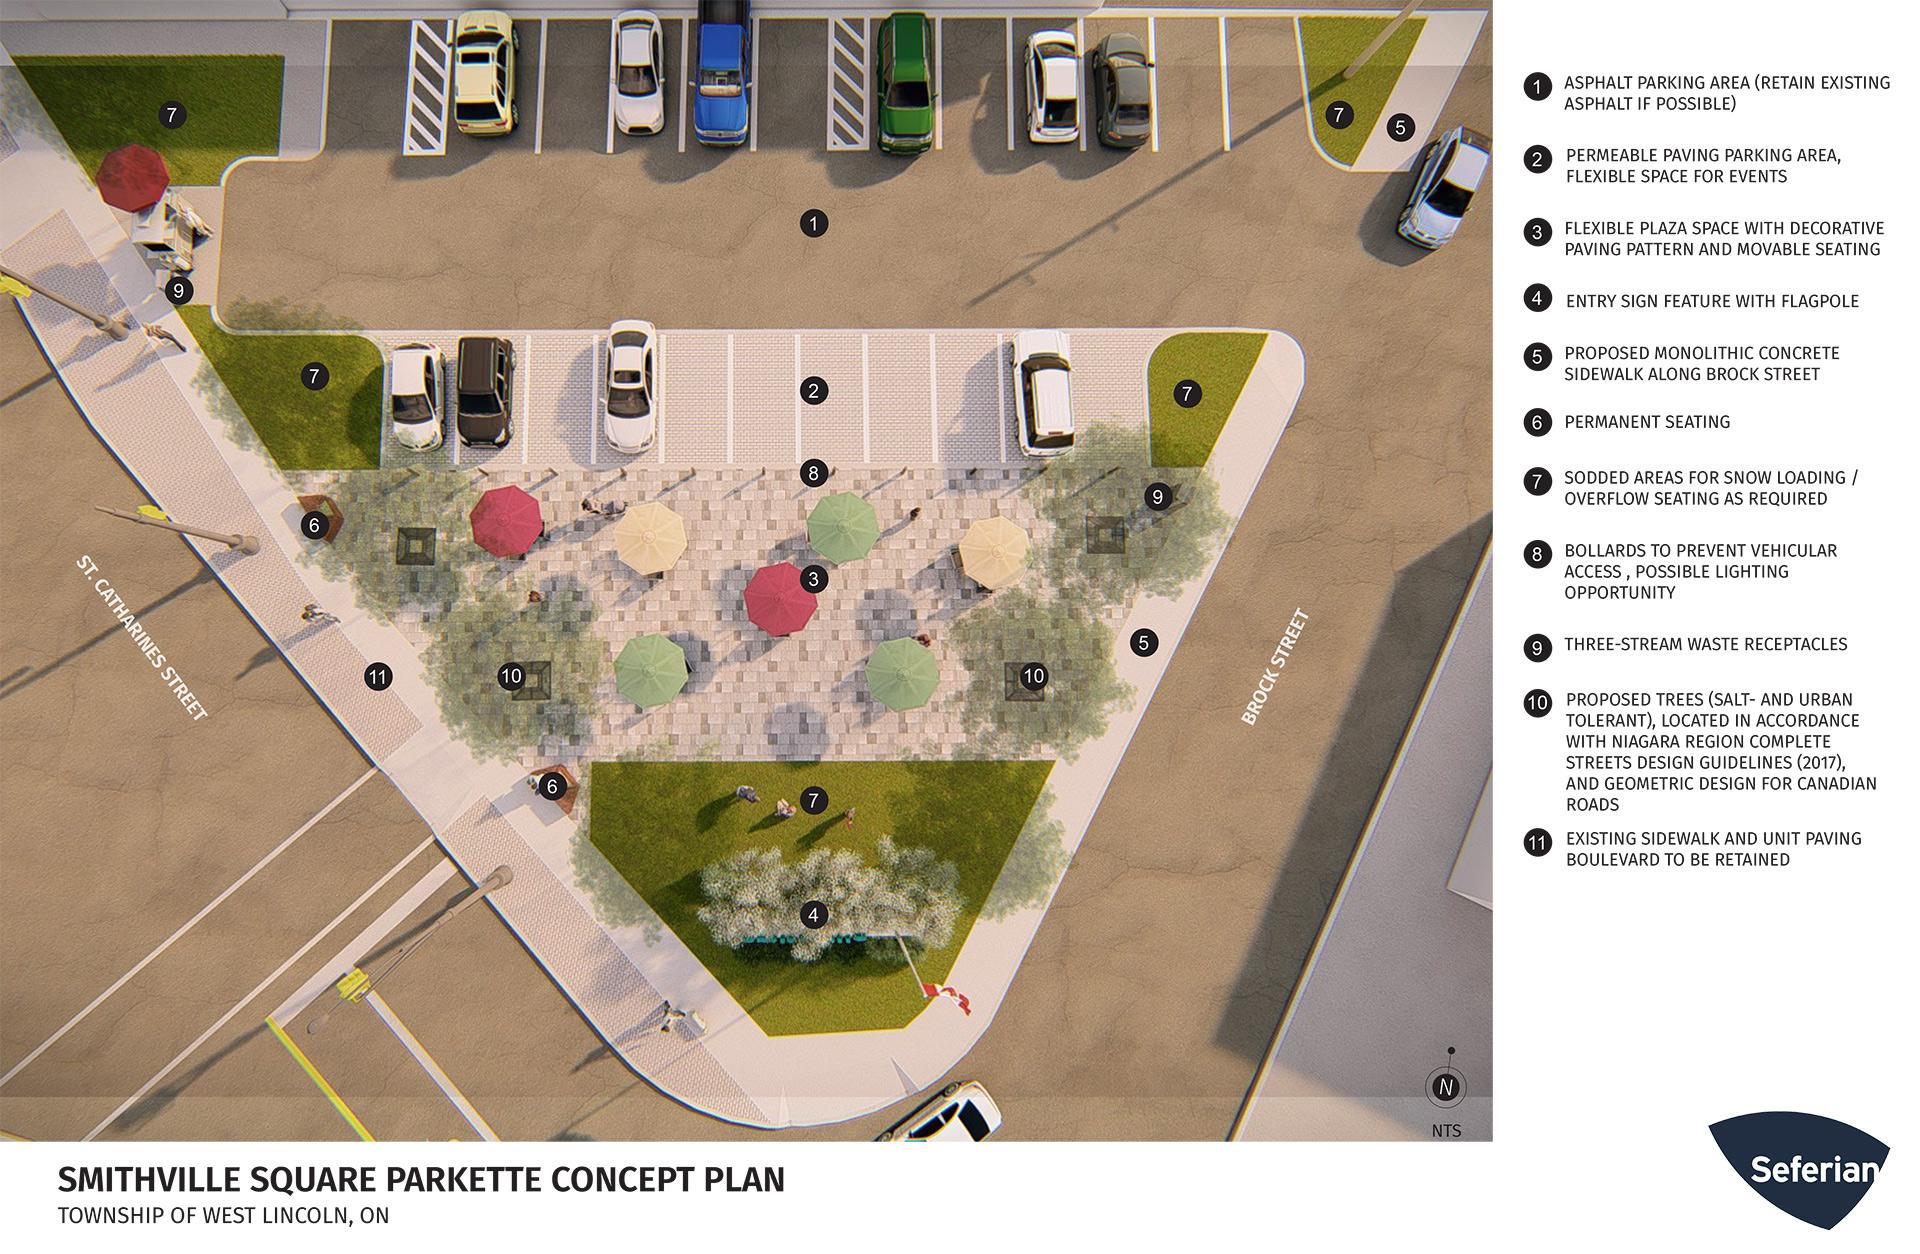 smithville square parkette concept design